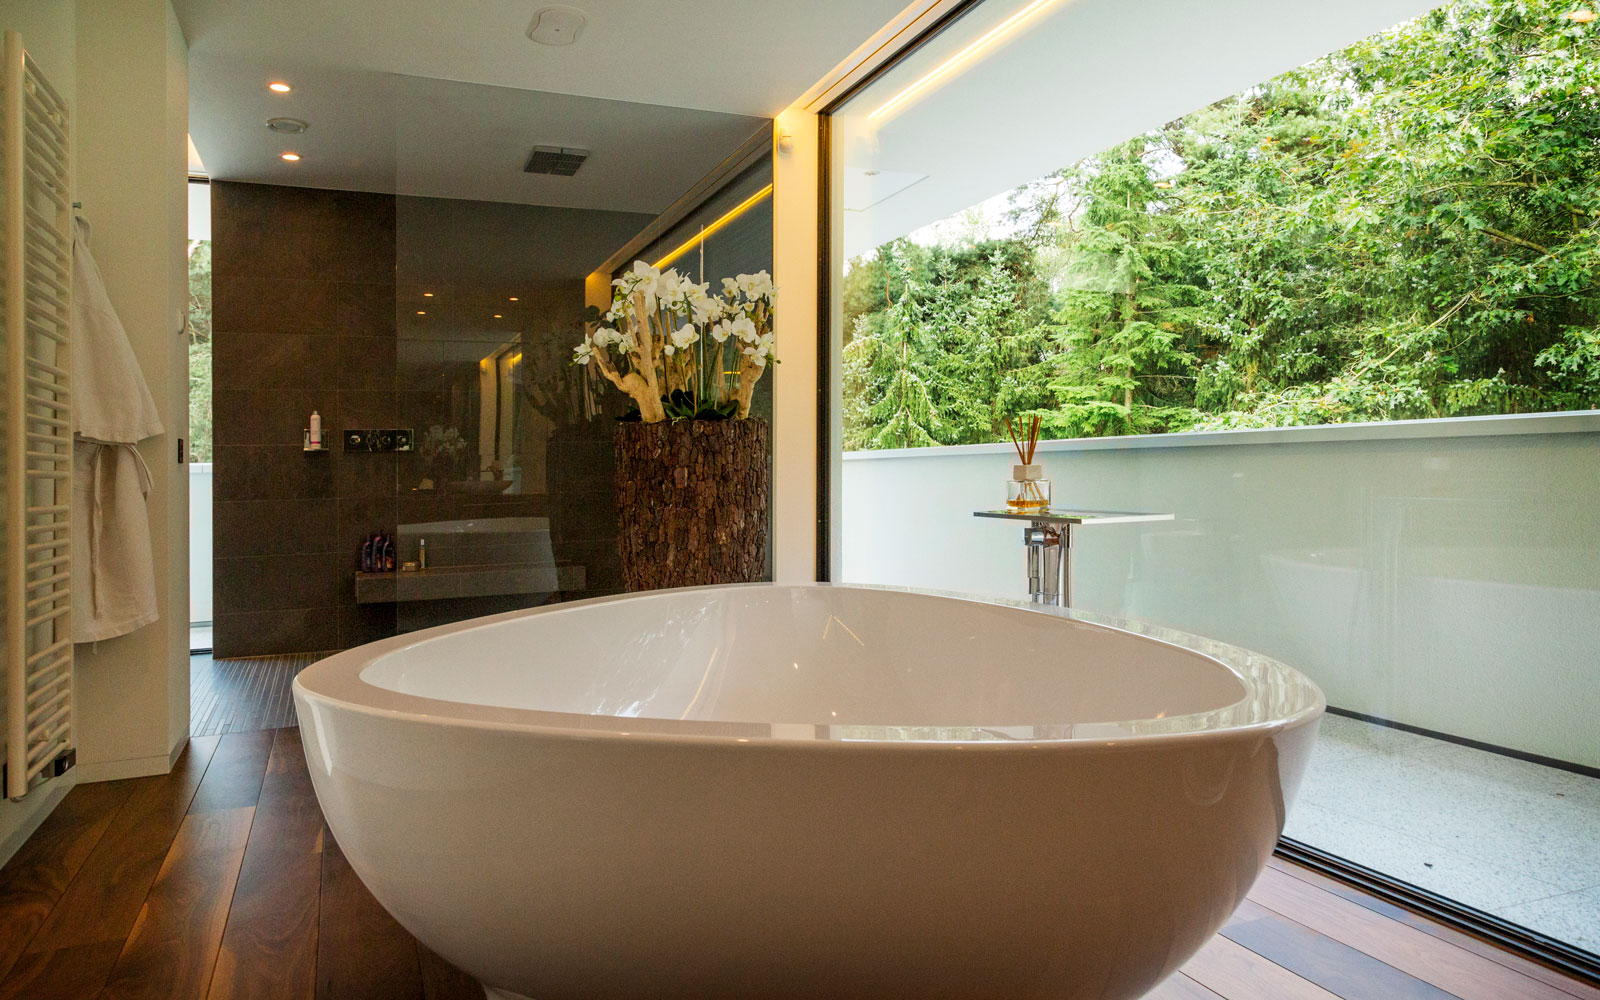 Bad, vrijstaand bad, Axor, houten vloer, Meubiflex, minimalistische villa, VLCS Architecten